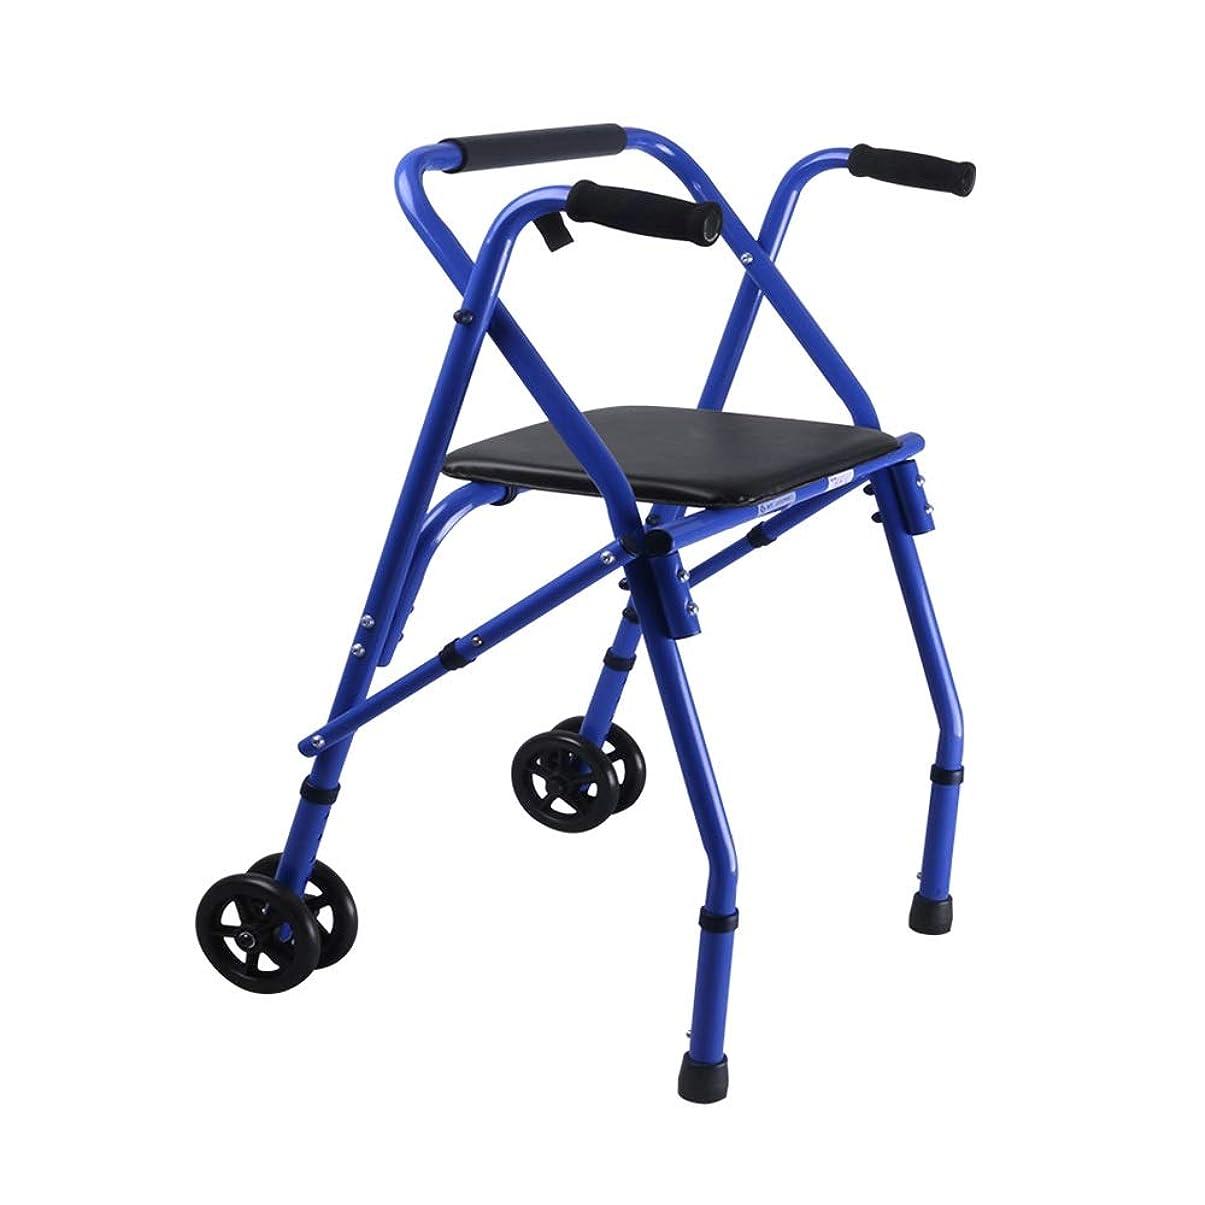 わかりやすい目の前の咲くRollat??or、調節可能な座席プッシュデュアルユースフォールド高齢者スクーターアルミ合金ウォーカーリハビリテーショントレーニング